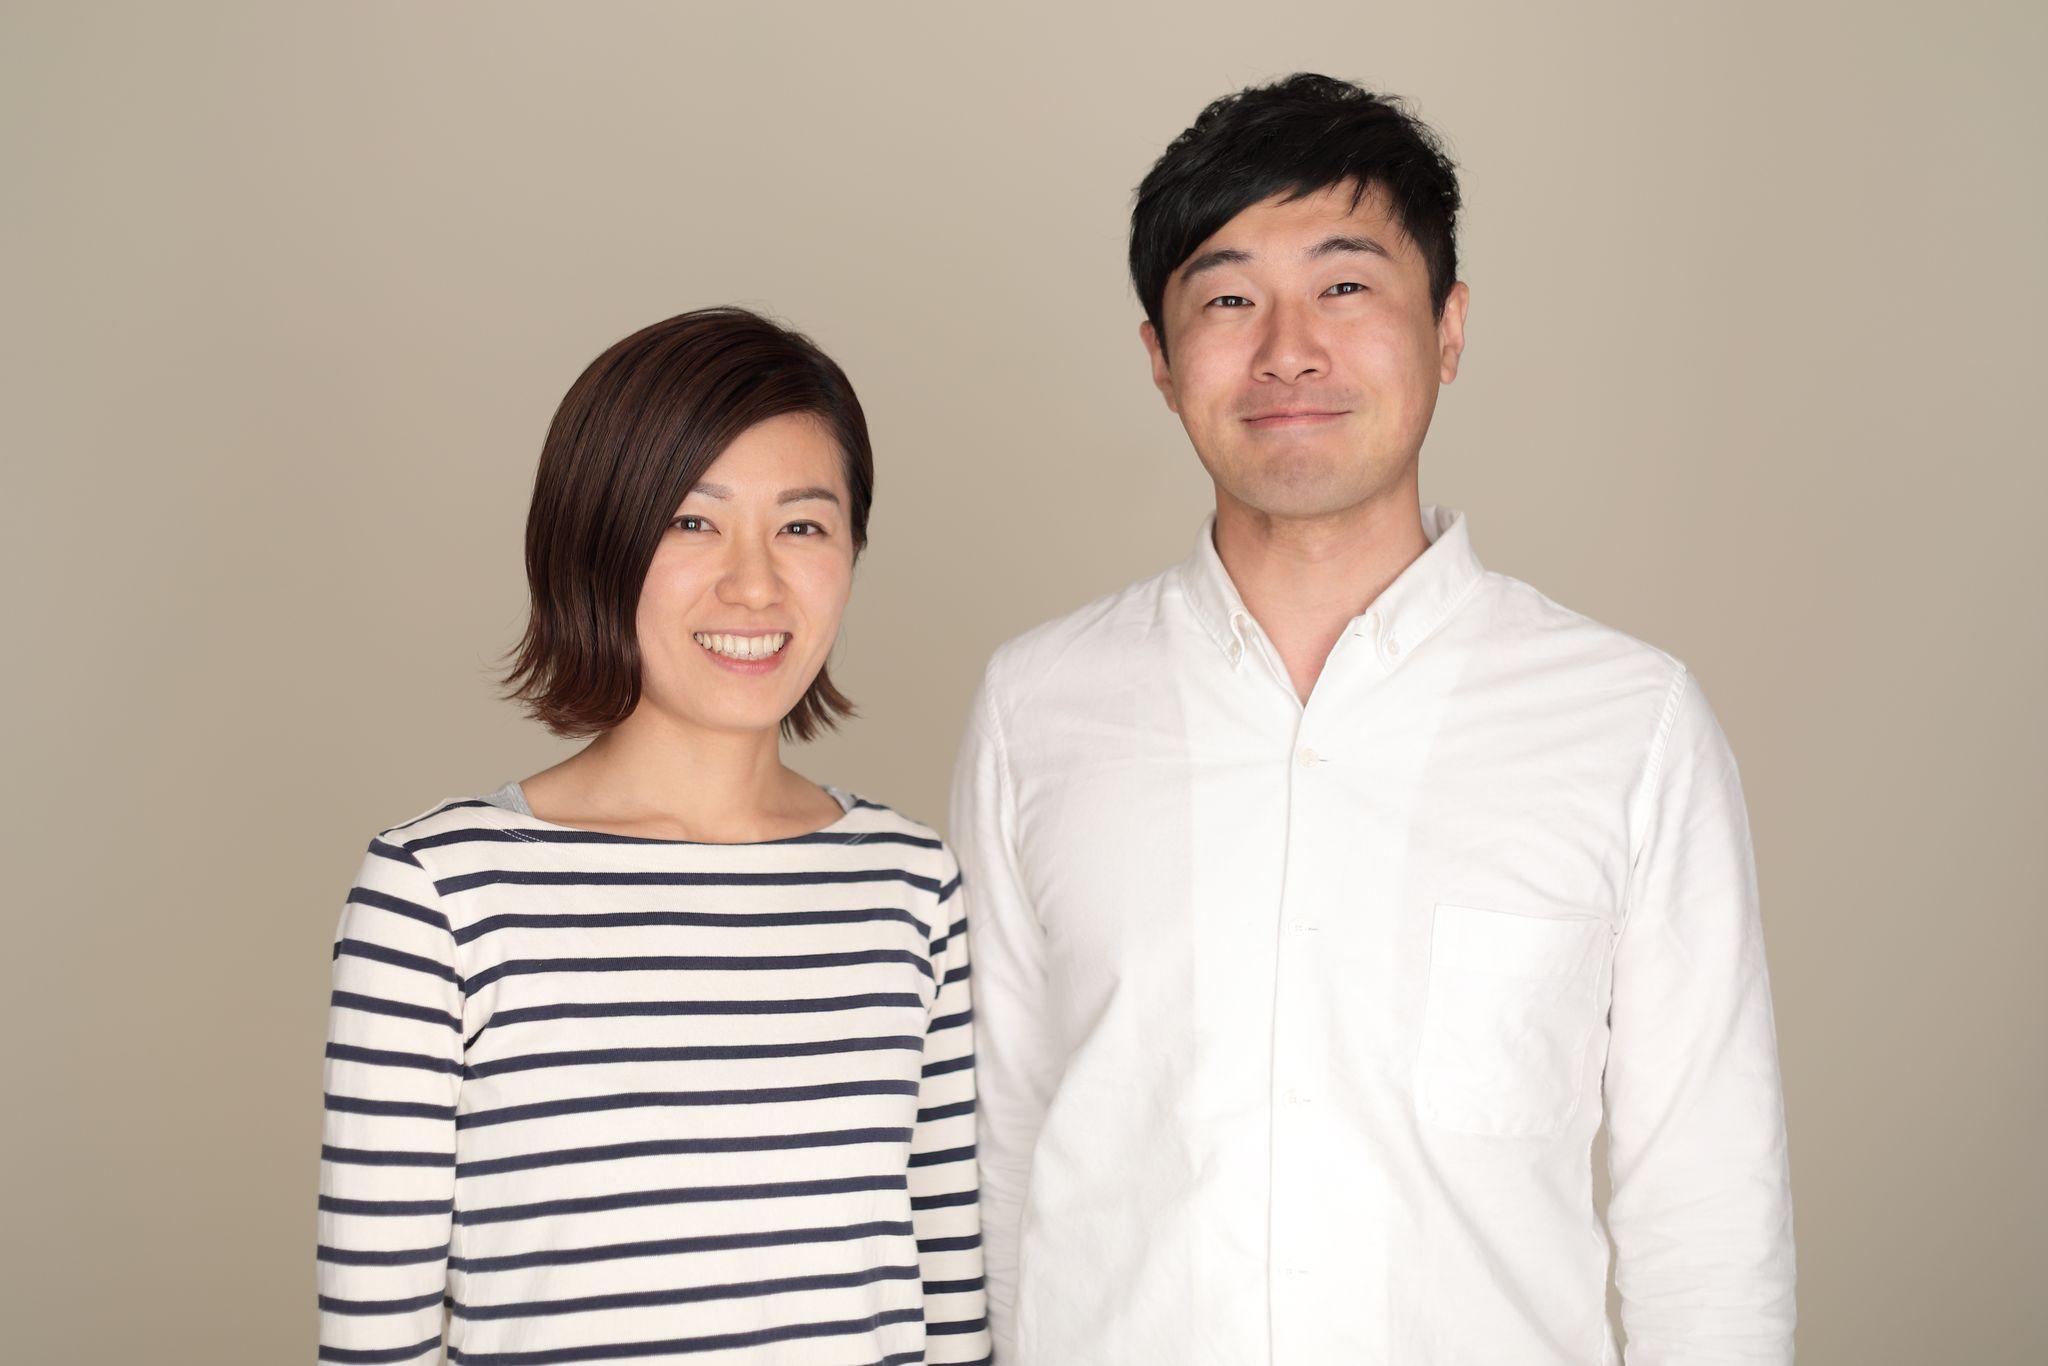 亜沙美さんと昌広さんお二人の写真